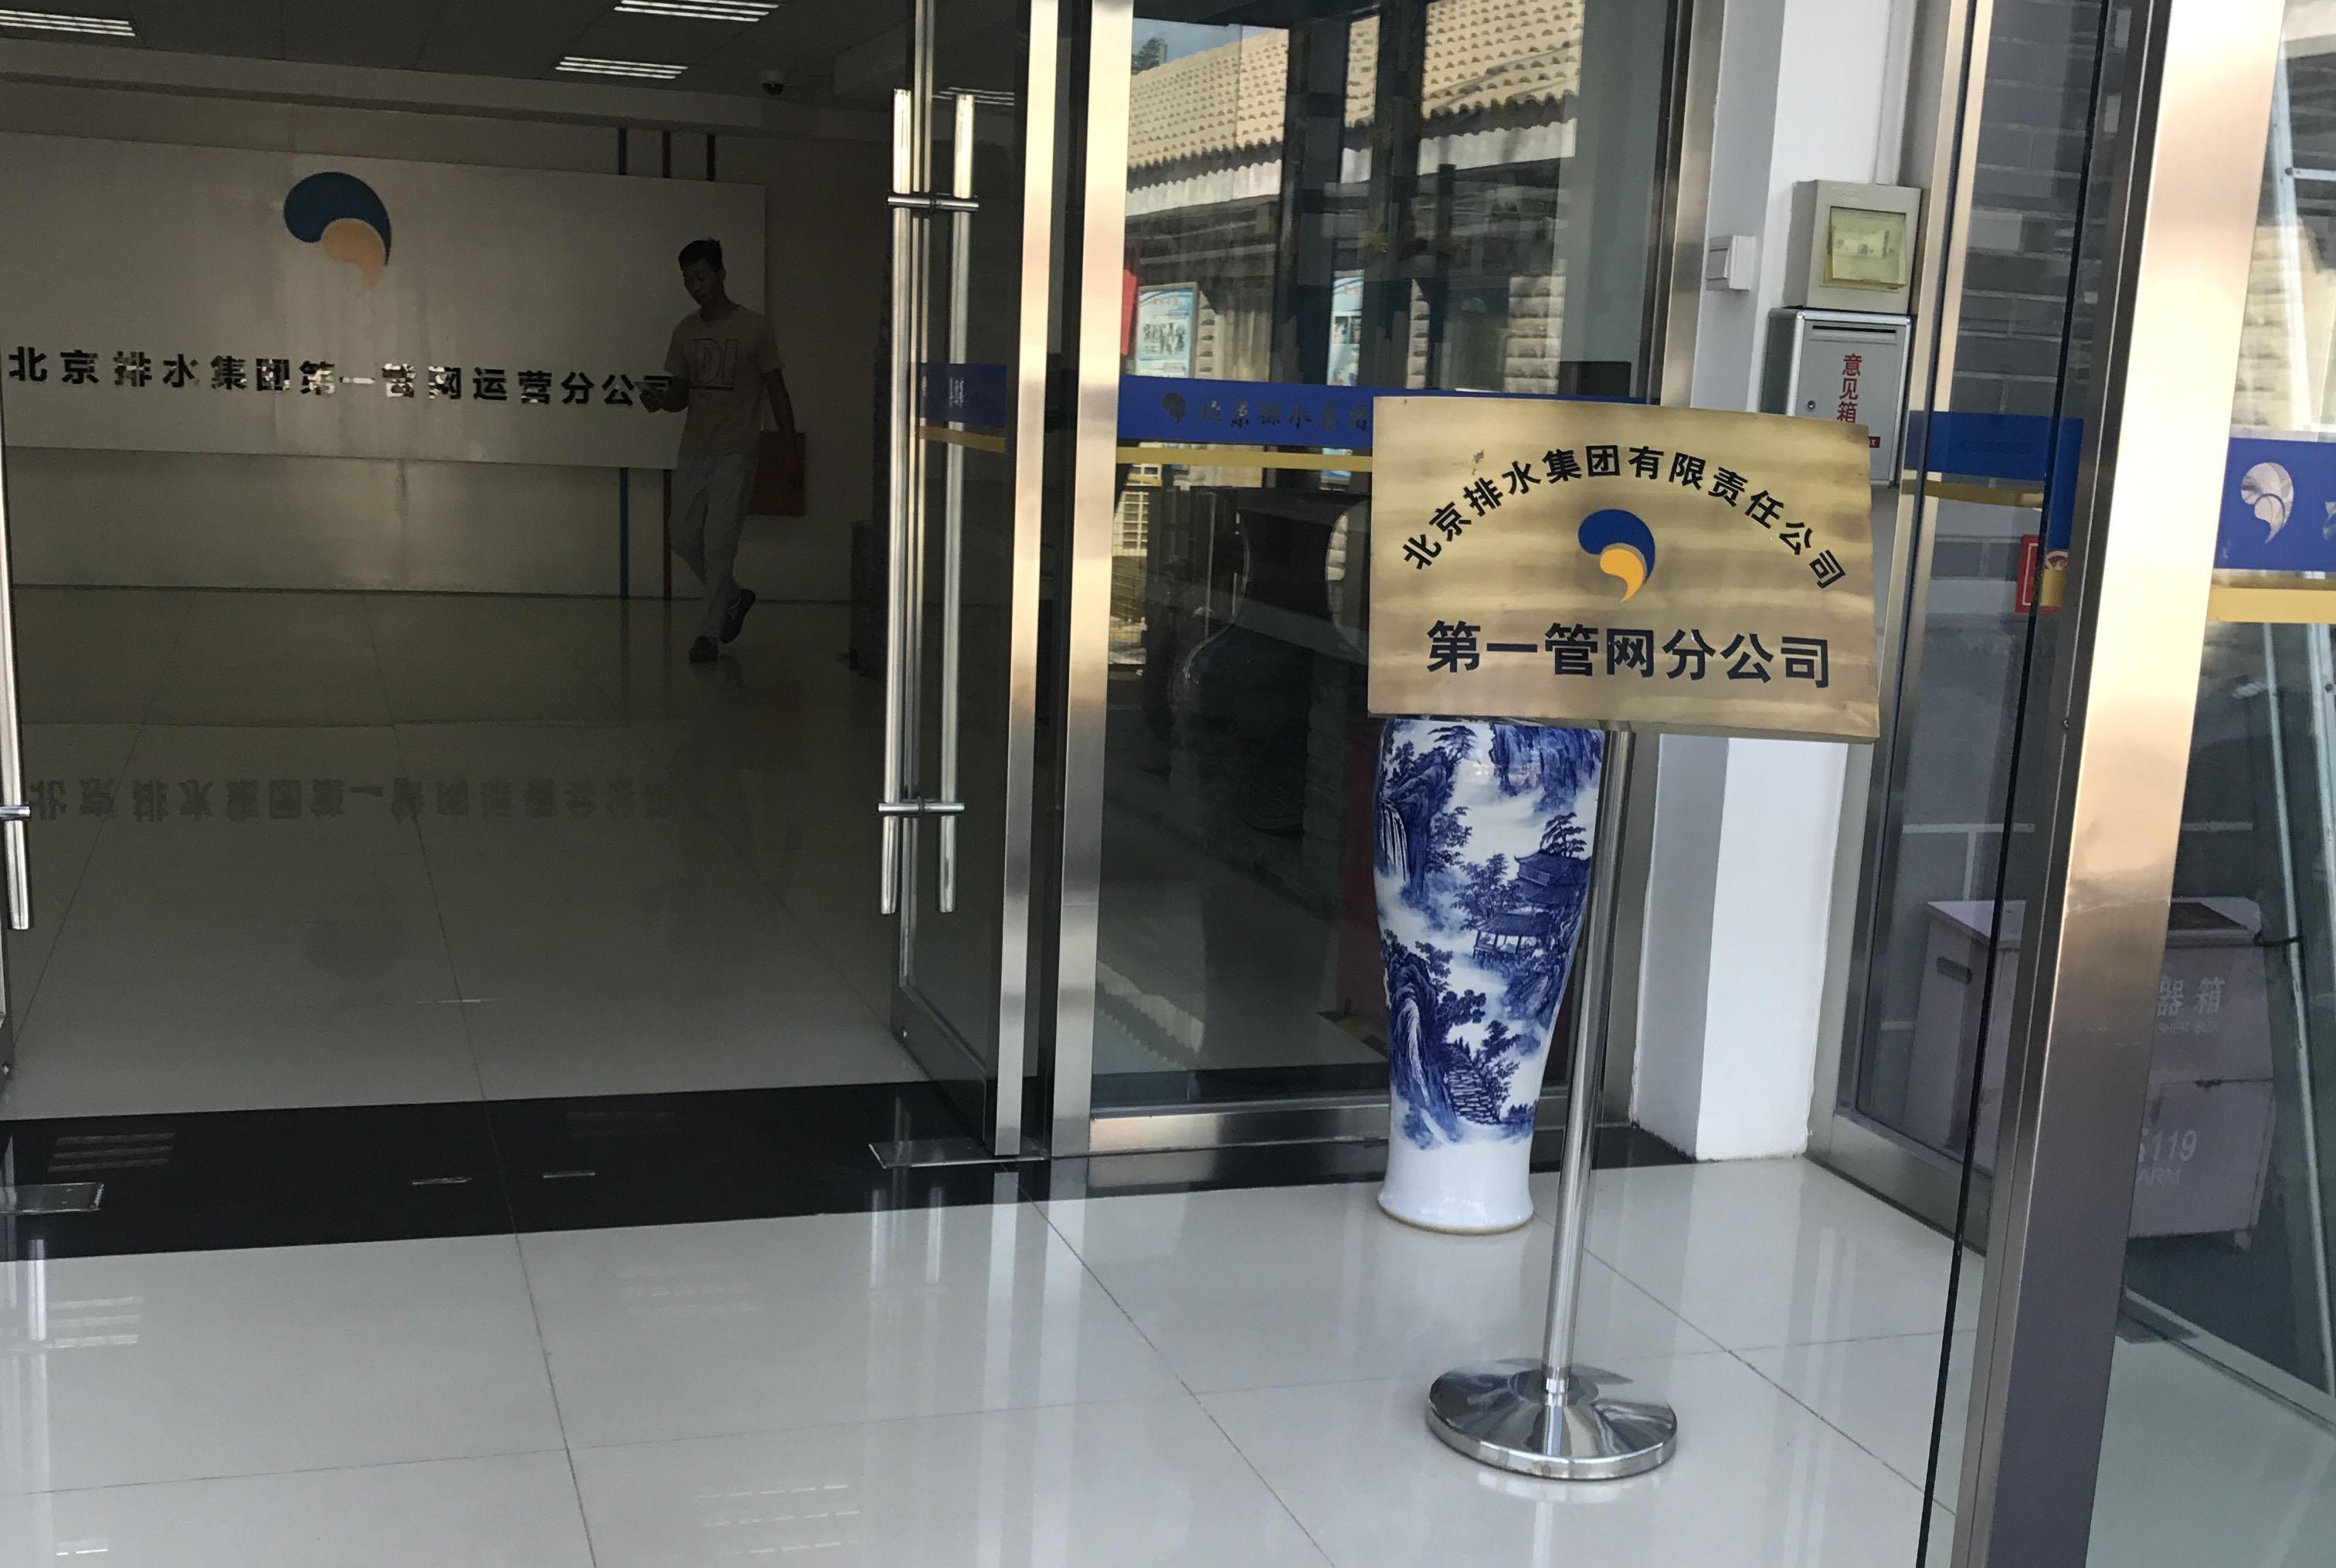 北京排水集团项目一公司局部展示4-1